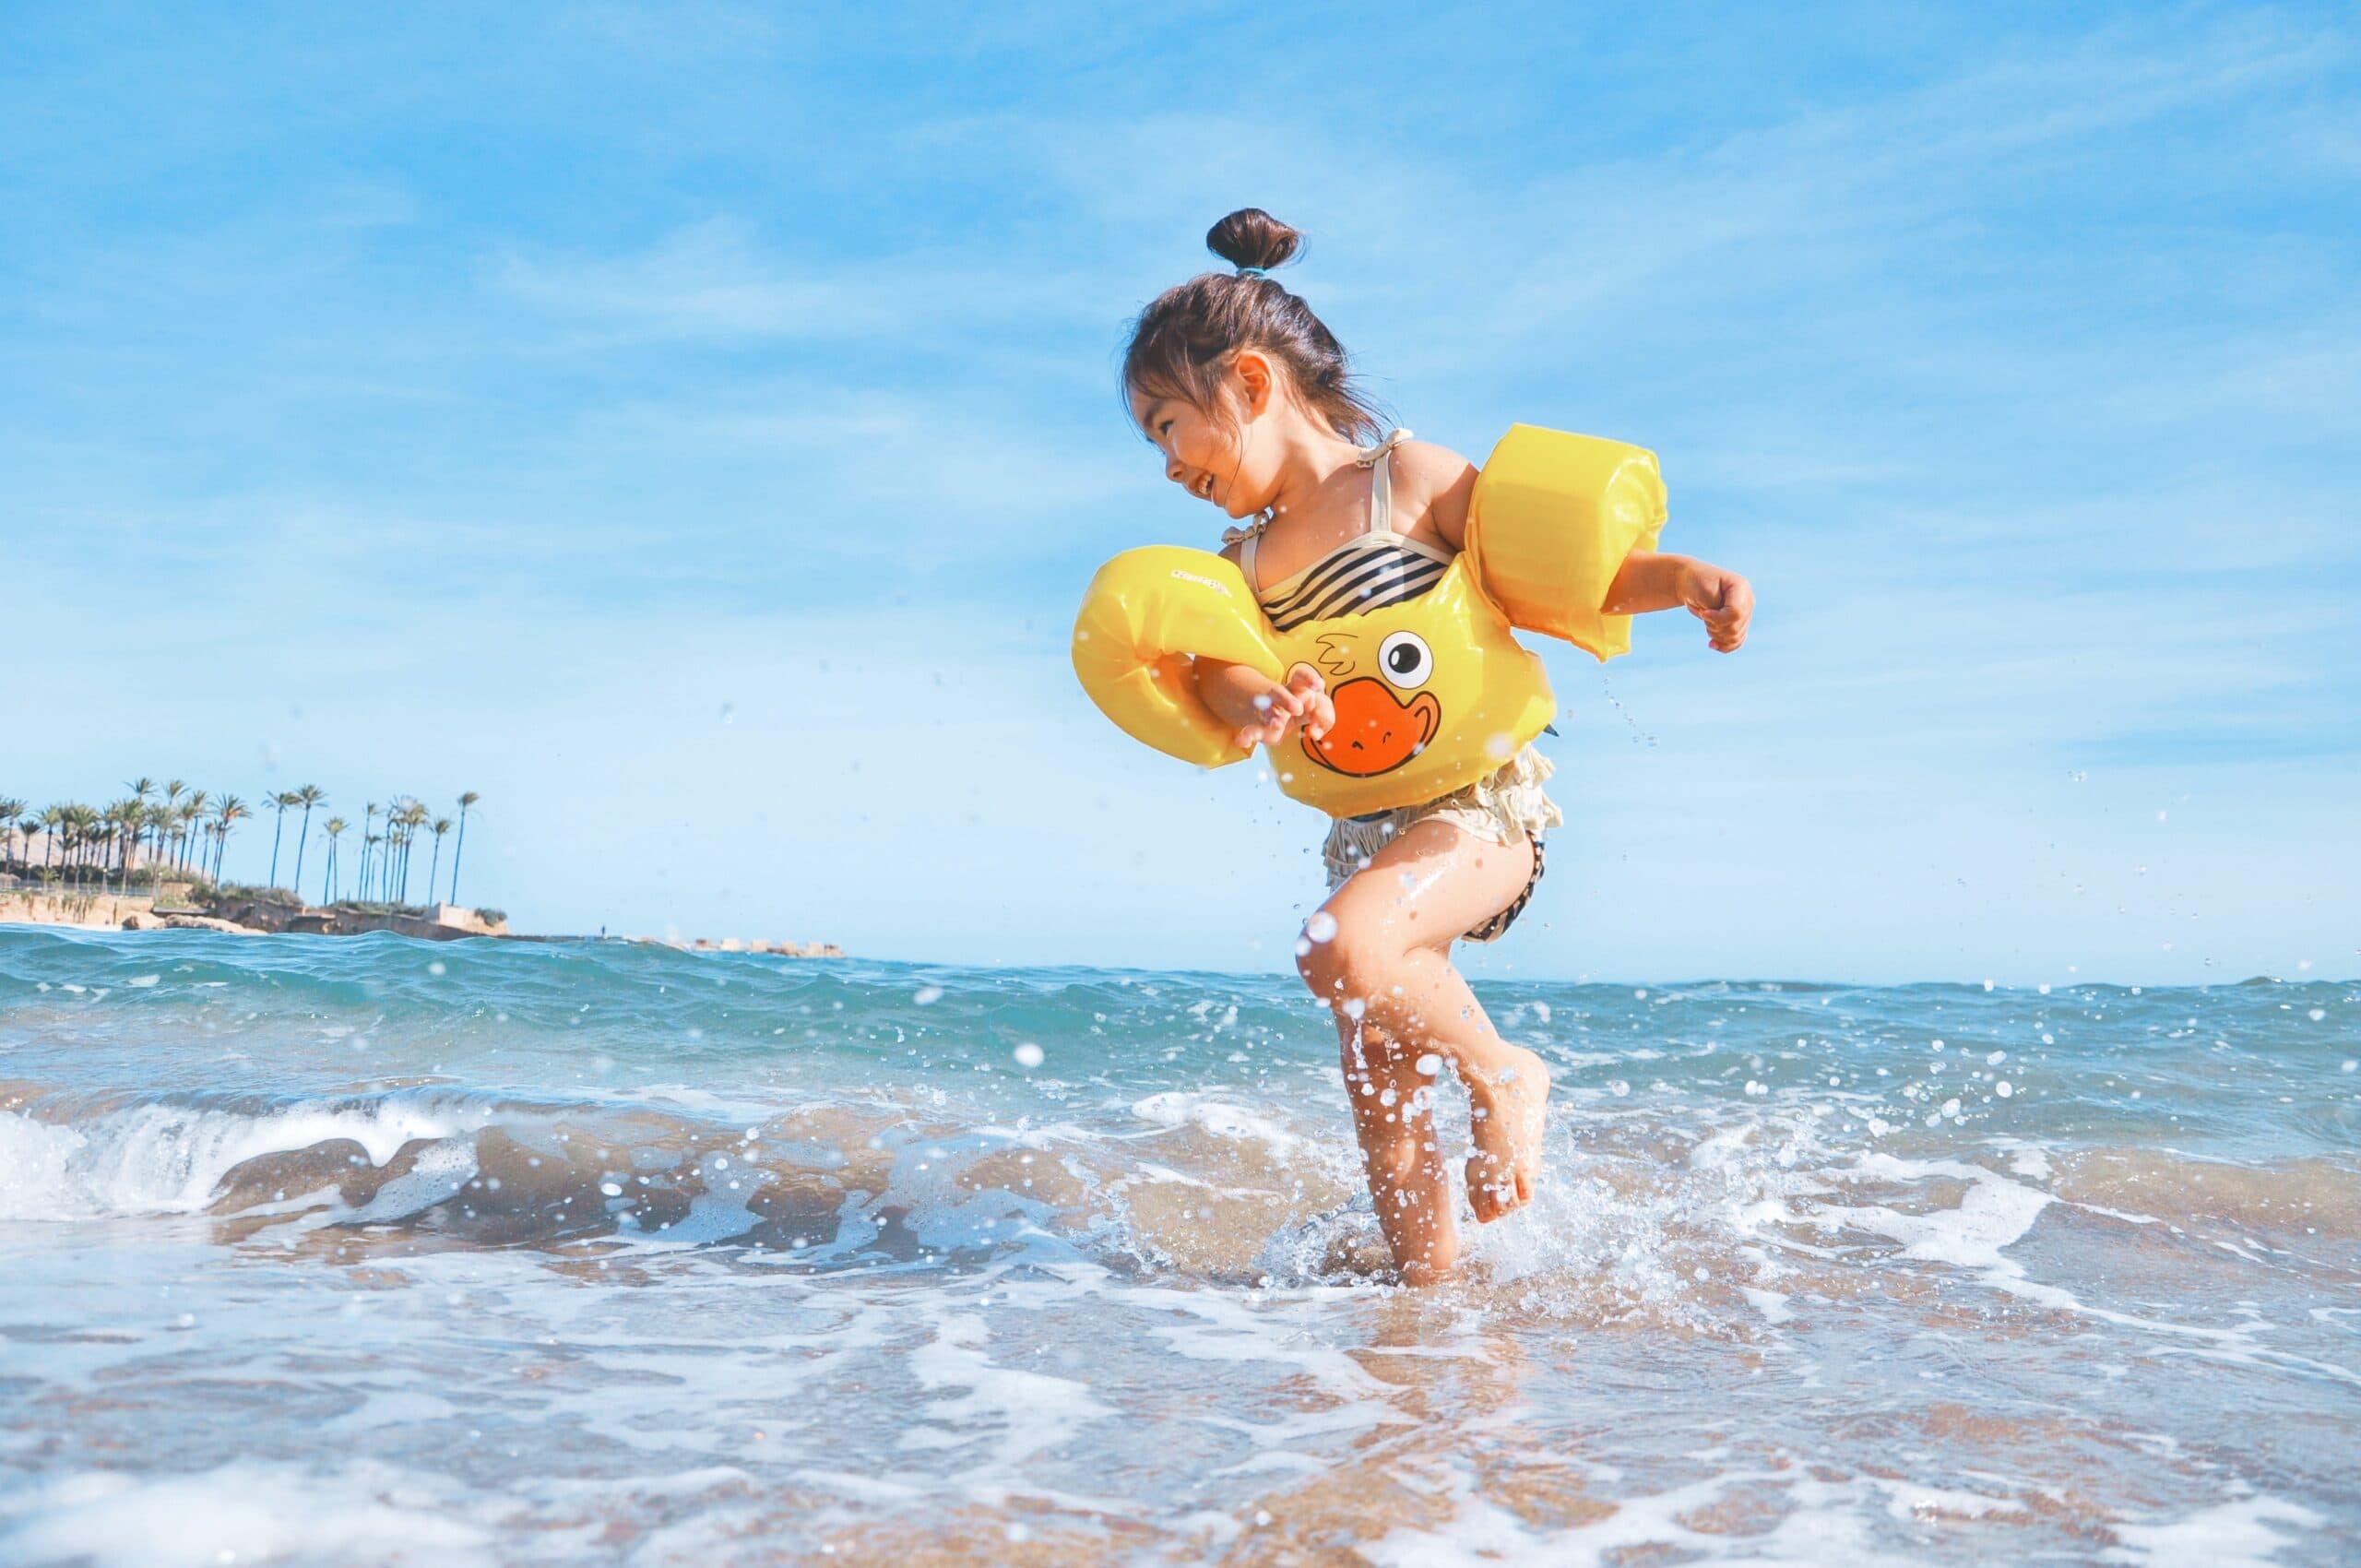 Mit diesen Ideen bringst du mehr Achtsamkeit in die Ferien und deinen Familienurlaub